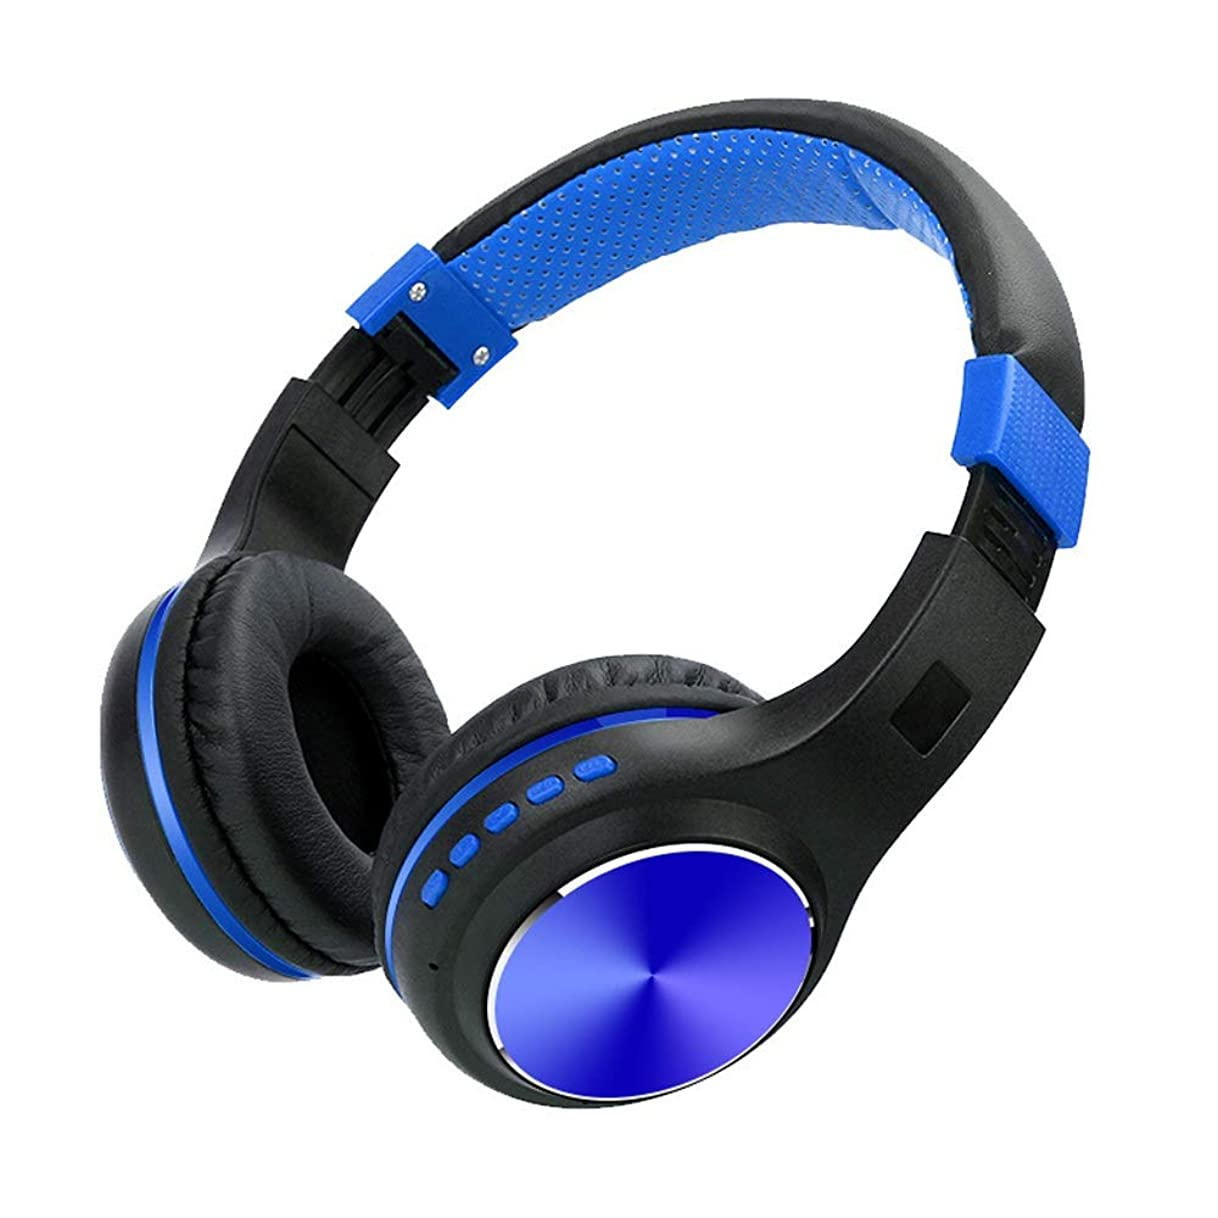 その結果忌まわしいベルトヘッドセット ブルートゥースヘッドフォン、携帯電話用のマイクに内蔵された音量調節付きワイヤレス折りたたみ式ワイヤレスブルートゥースゲーミングヘッドセットIPad IPhoneラップトップコンピュータ (Color : Blue)